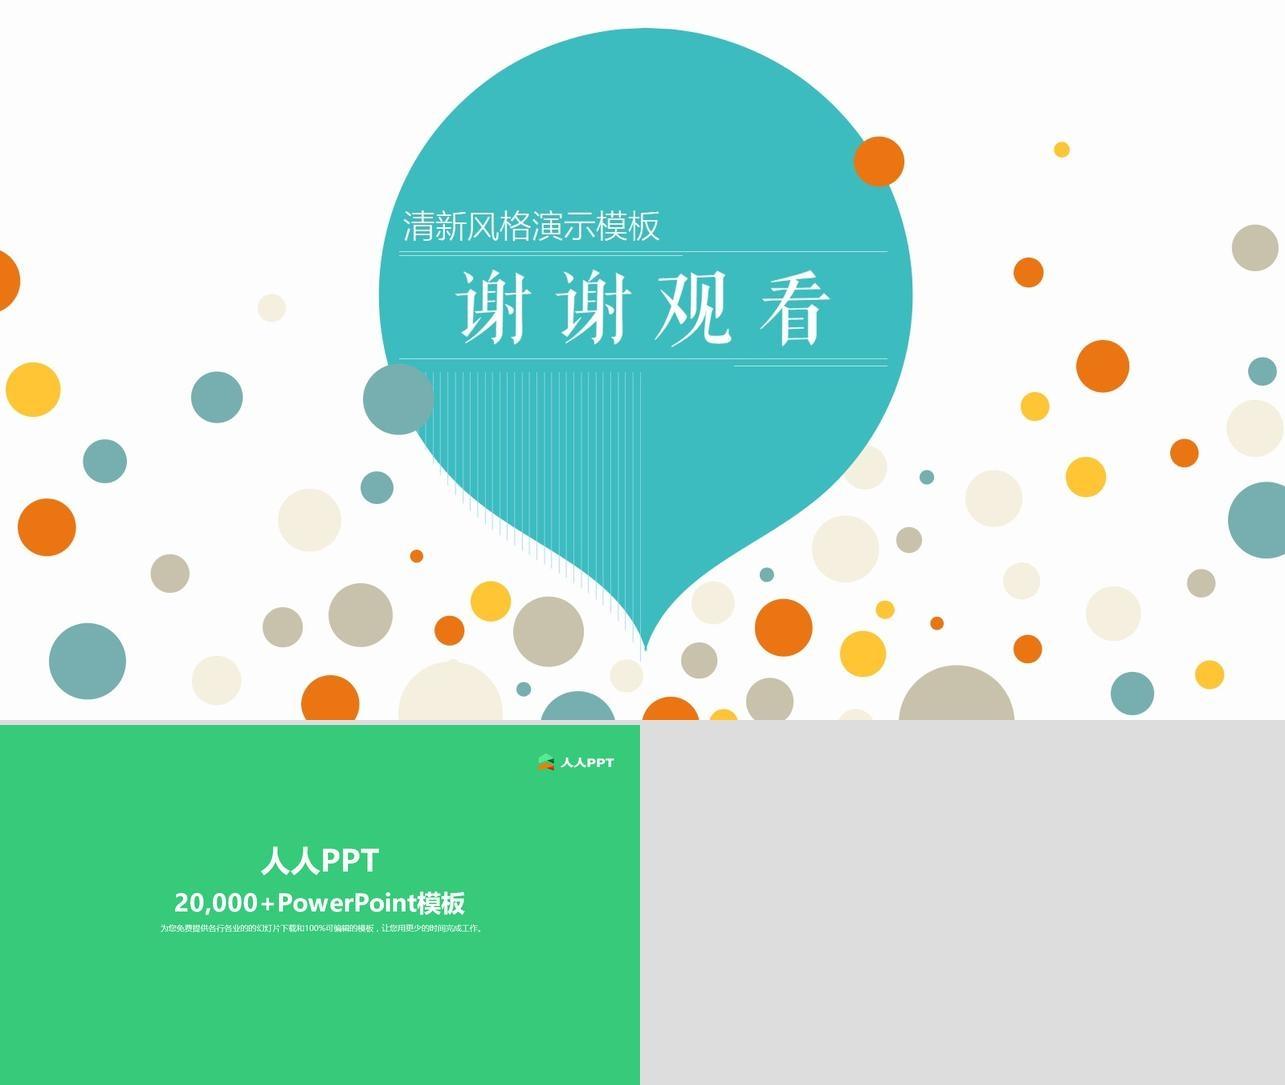 动态彩色圆点装饰的谢谢观看PPT背景图片长图